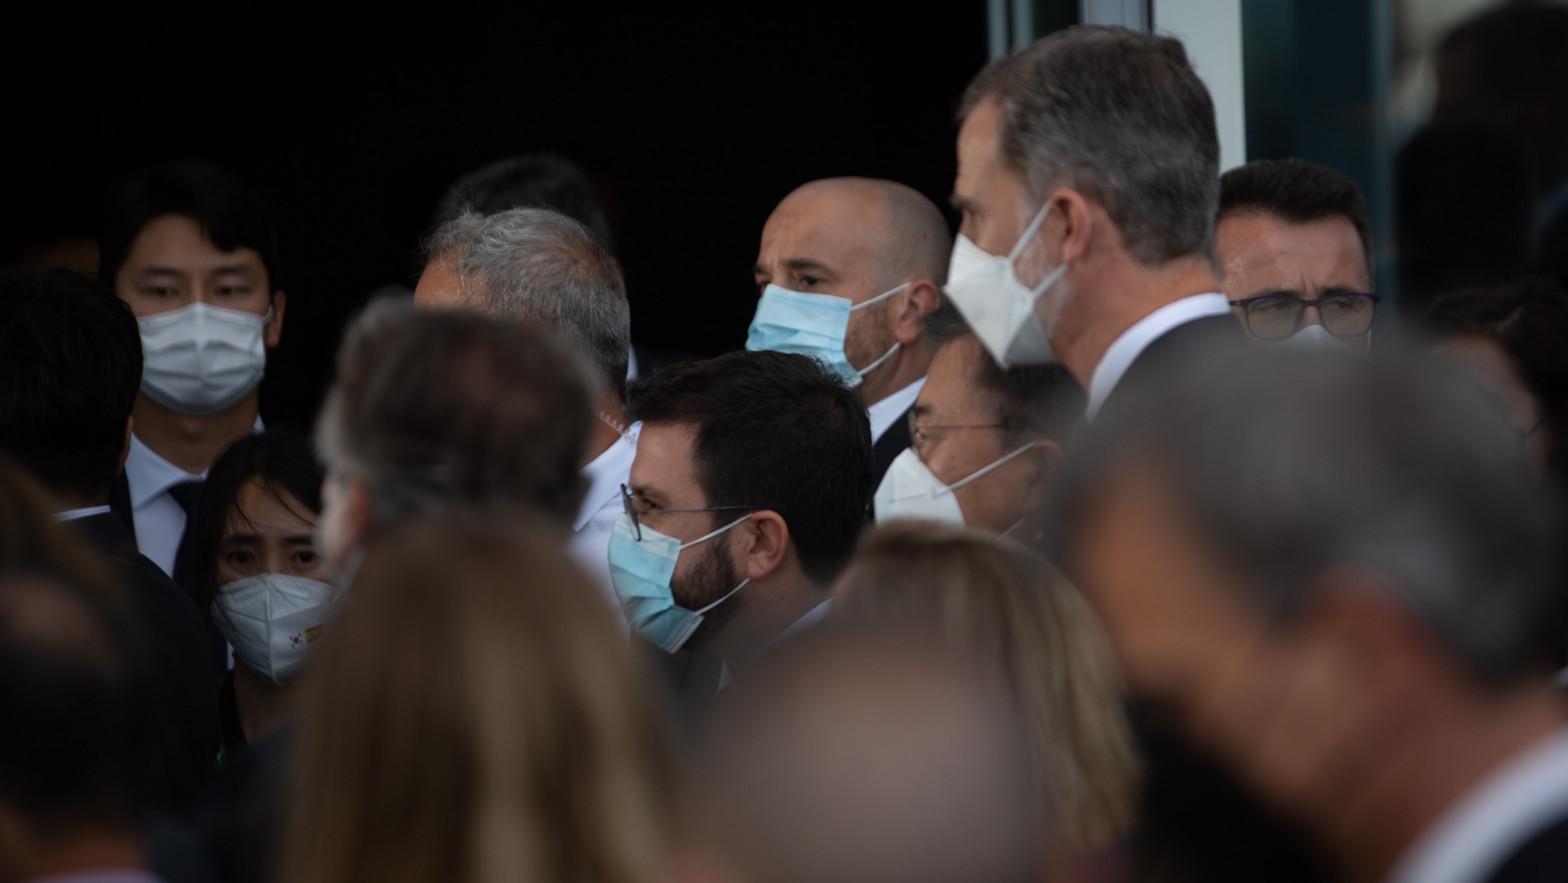 El presidente del Círculo de Economía desvela que Aragonès no quería saludar al Rey